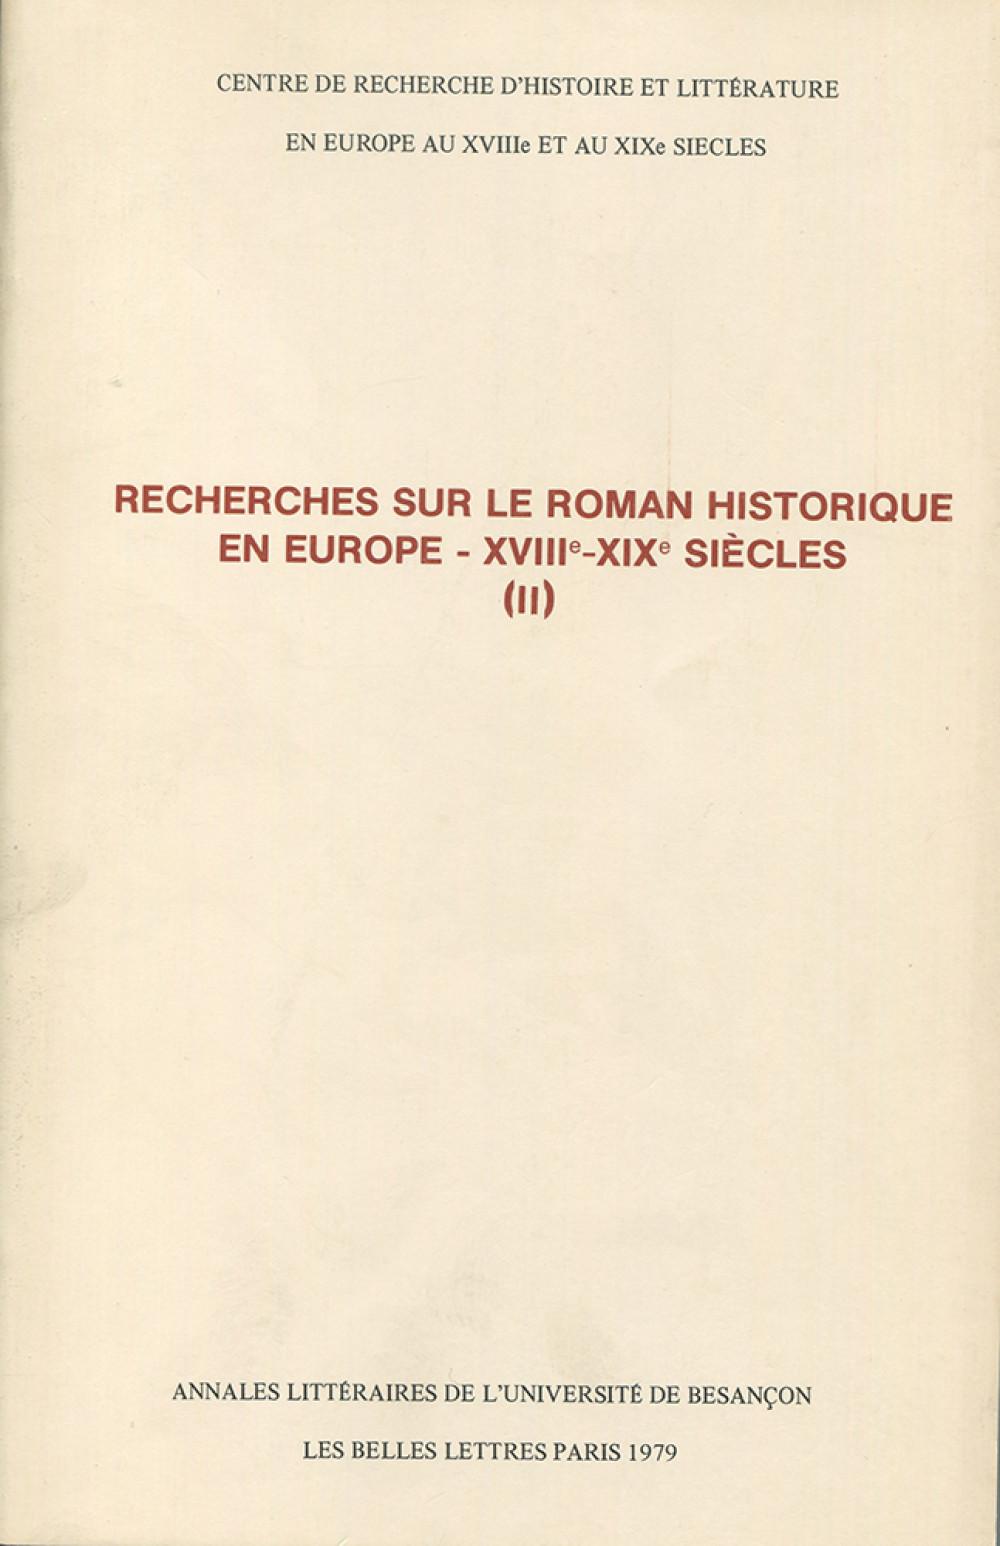 """Recherches sur le roman historique en Europe II (<span style=""""font-variant: small-caps"""">XVIII</span><sup>e</sup>-<span style=""""font-variant: small-caps"""">XIX</span><sup>e</sup> s.)"""